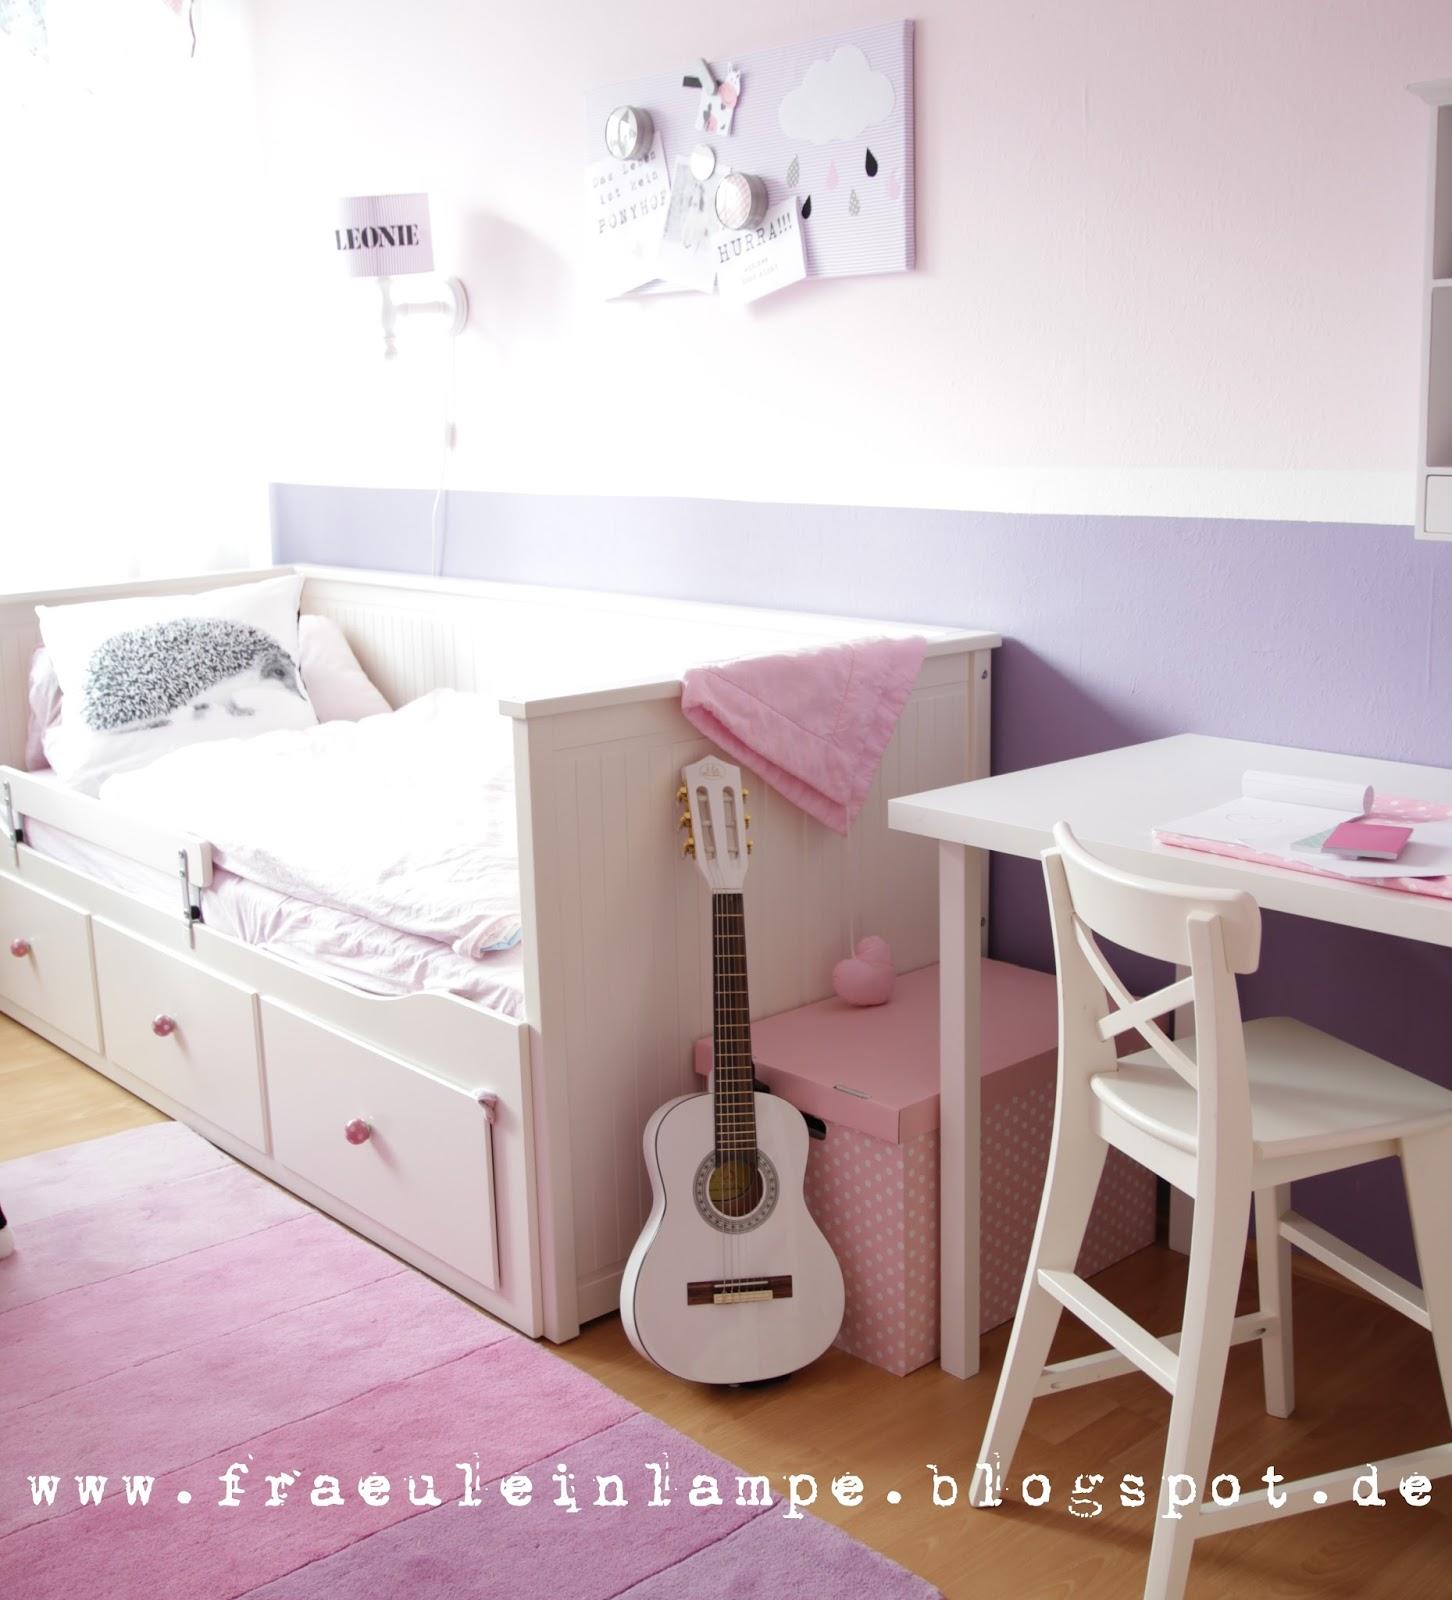 Kinderzimmer Ideen Mädchen 9 Jahre Umbau Kinderzimmer Einbau 2